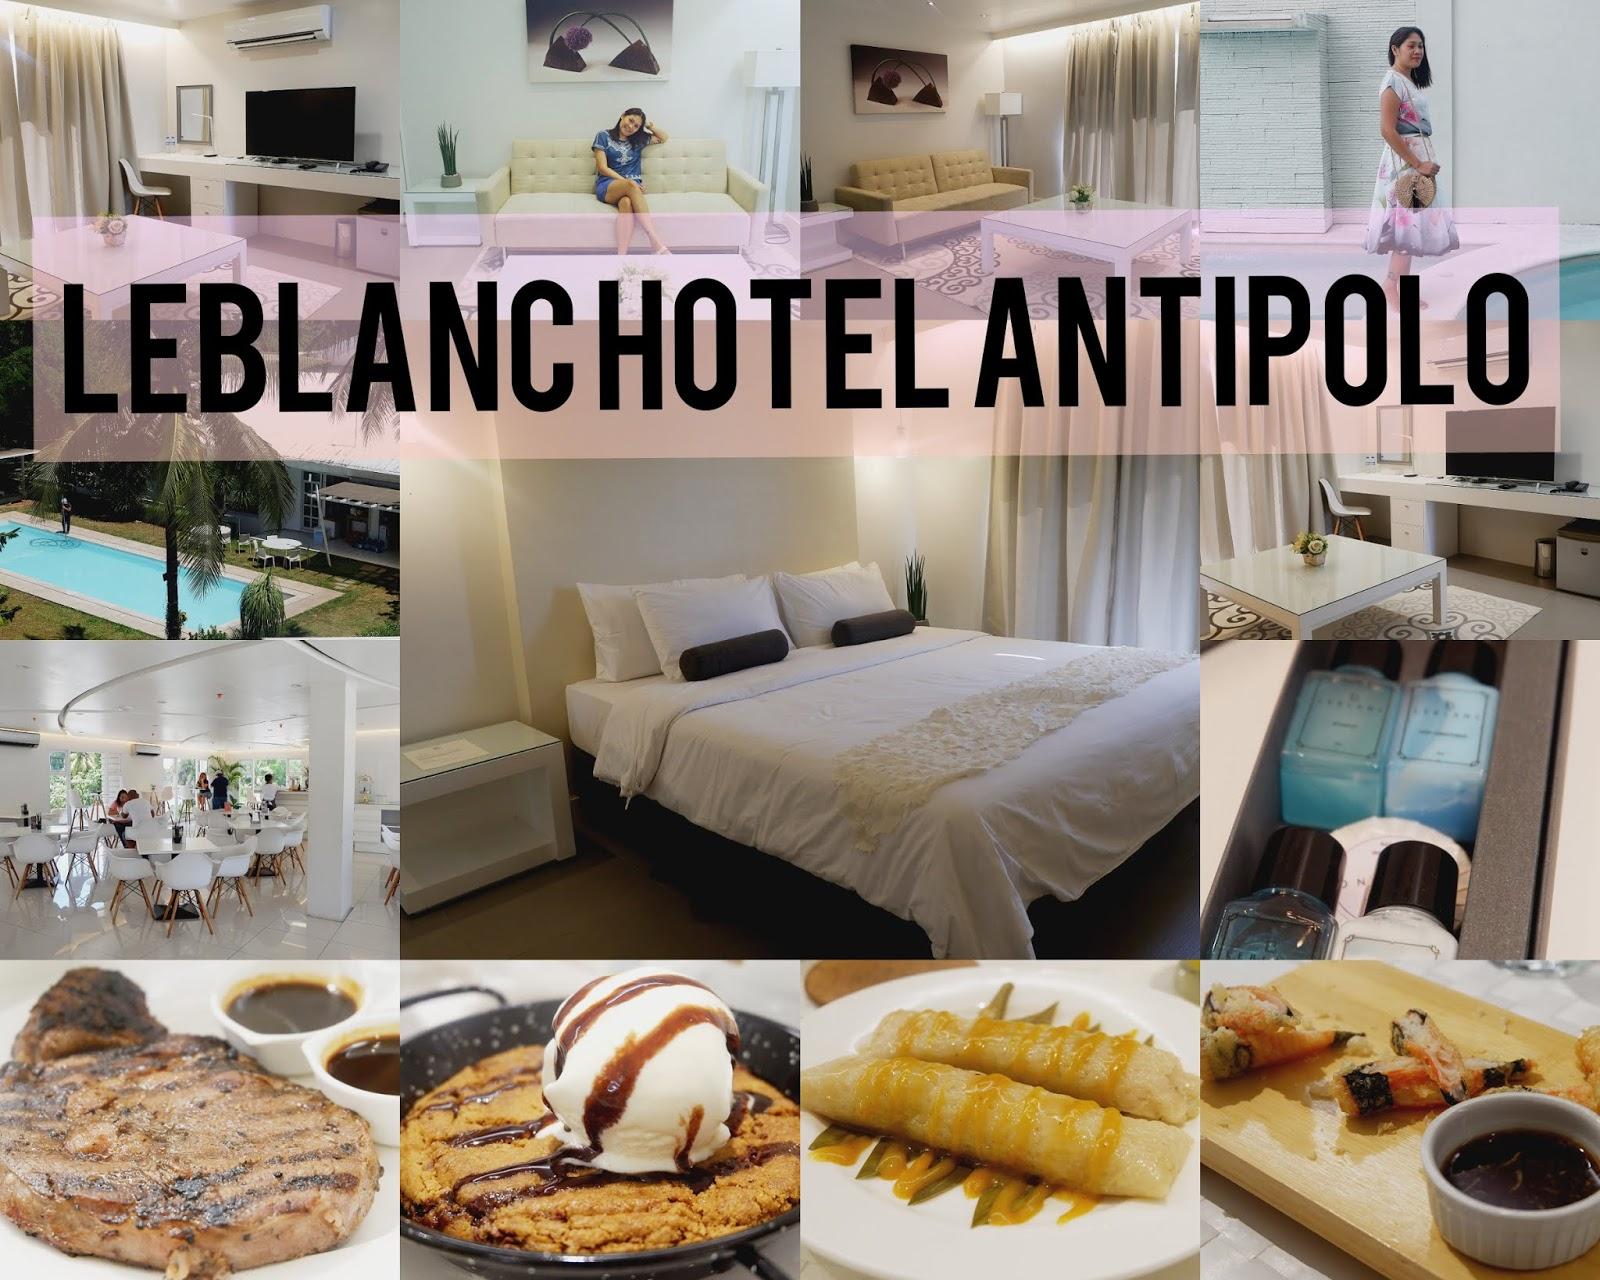 Leblanc Hotel Antipolo